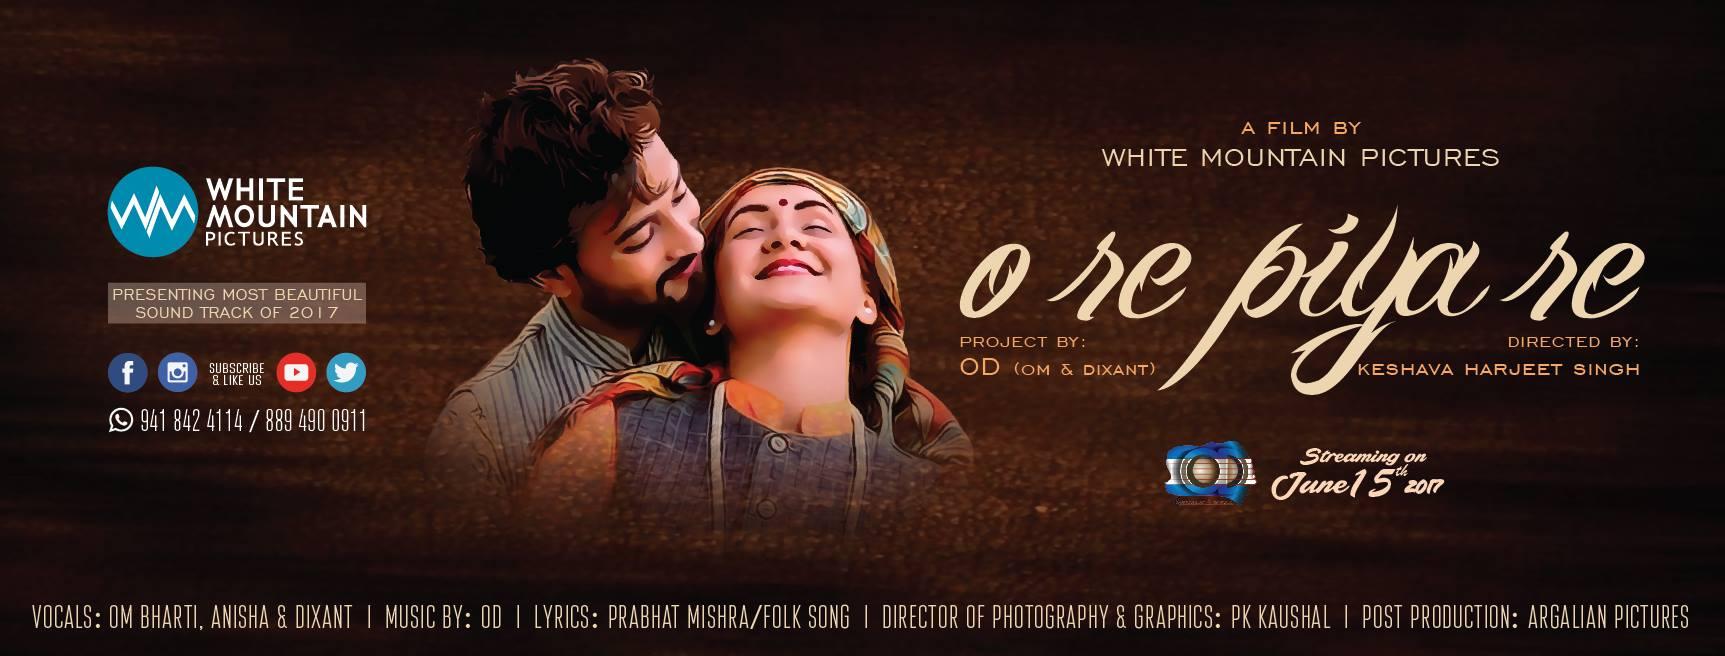 Kunju Chanchalo O re piya re White Mountain Films